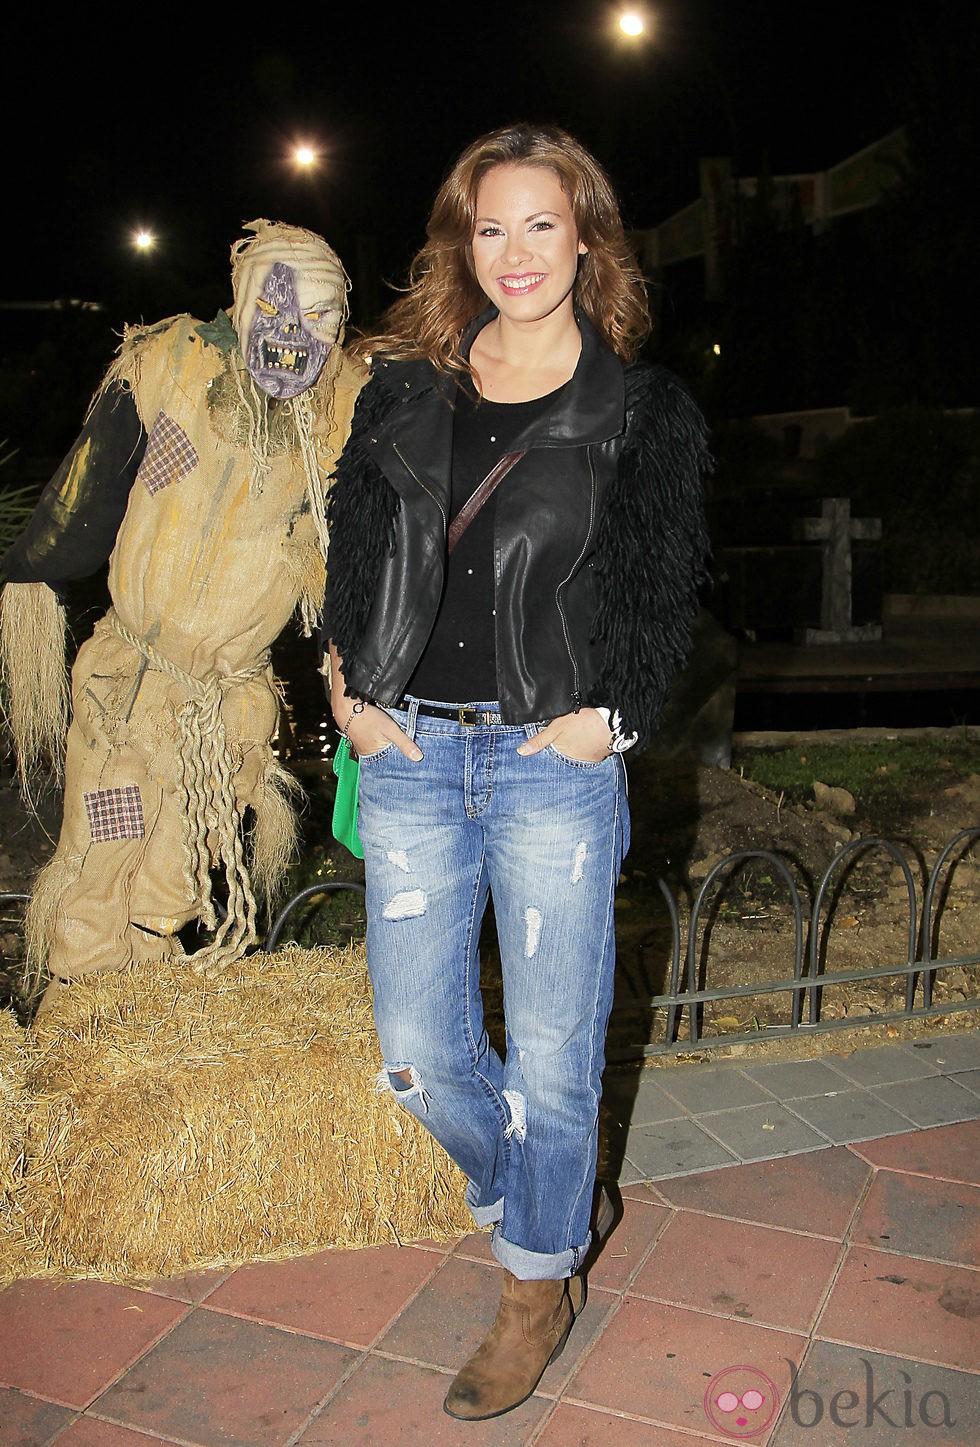 Jessica Bueno en la fiesta de Halloween del Parque de Atracciones de Madrid